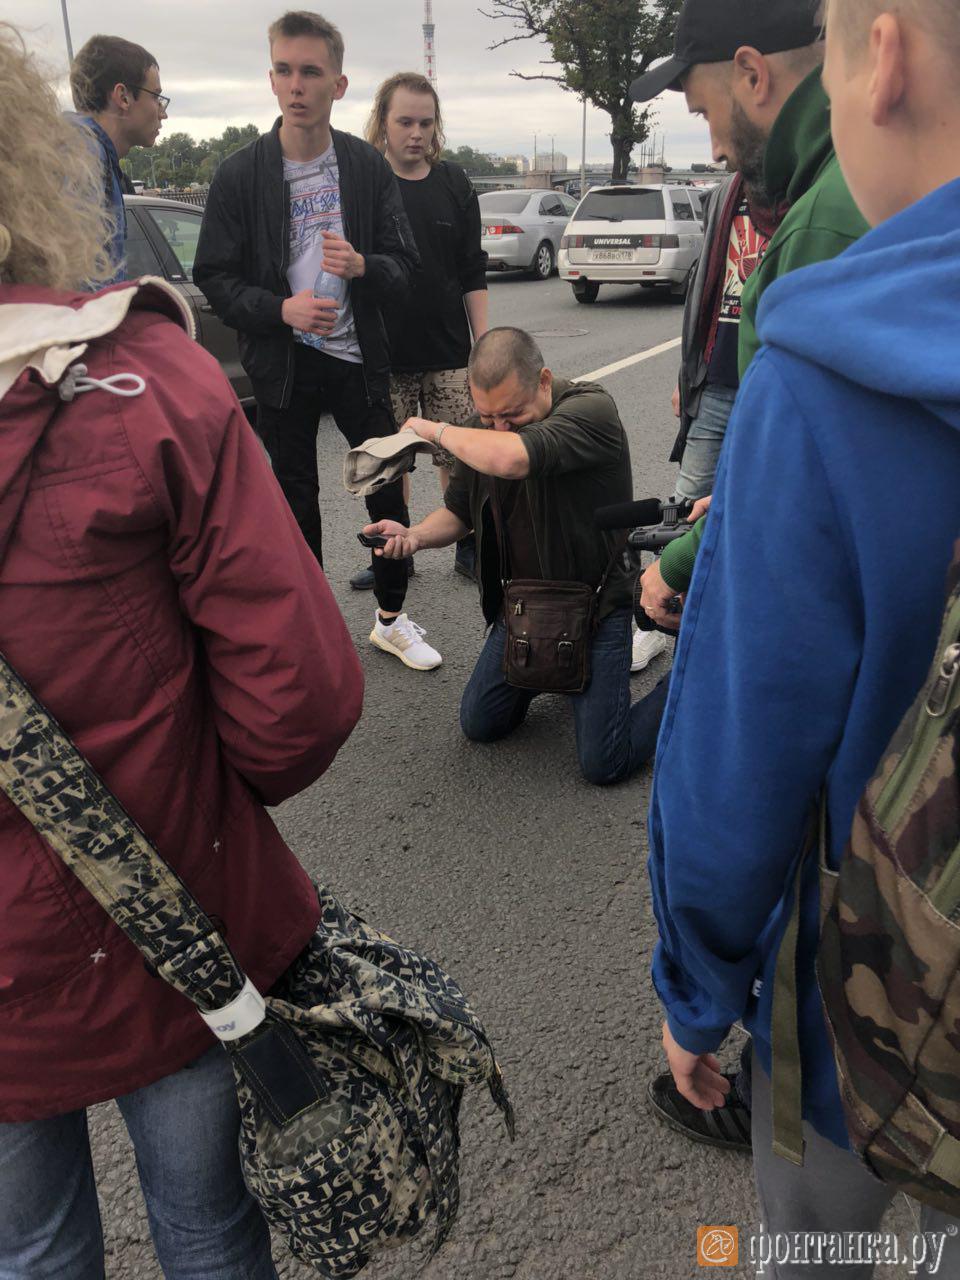 Протестующие против пенсионной реформы вышли на Пироговскую набережную. Участнику акции водитель распылил в лицо перцовый баллончик (Иллюстрация 2 из 2) (Фото: Ксения Клочкова /